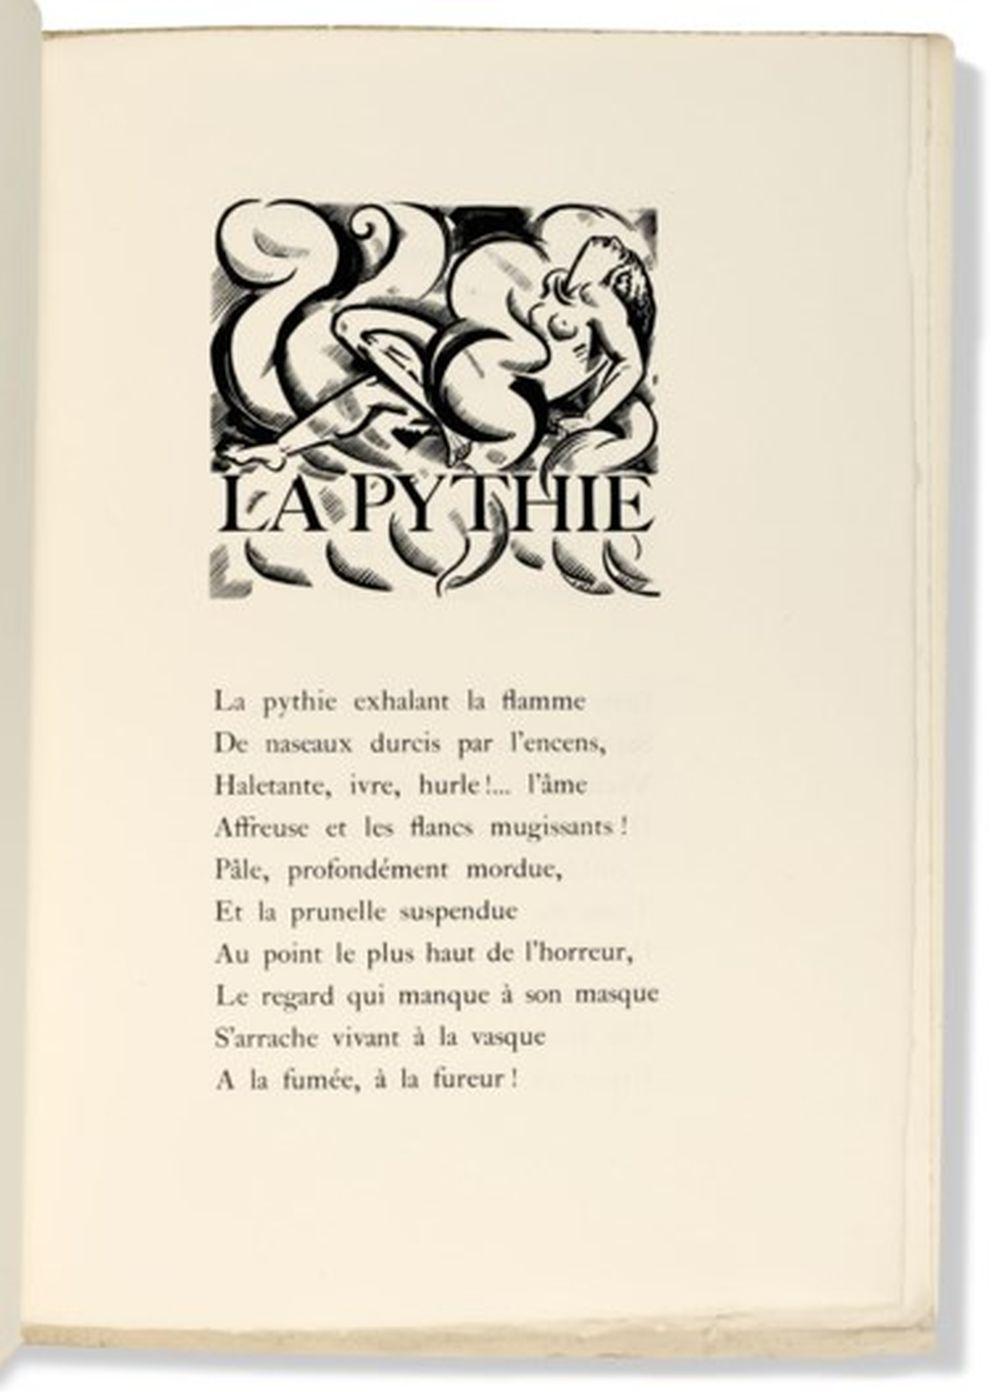 VERA, Paul (1882-1957) -- VALÉRY, Paul (1871-1945). Odes. Paris : Éditions de la Nouvelle Revue Française, 1920. Édition originale. Exemplaire de tête